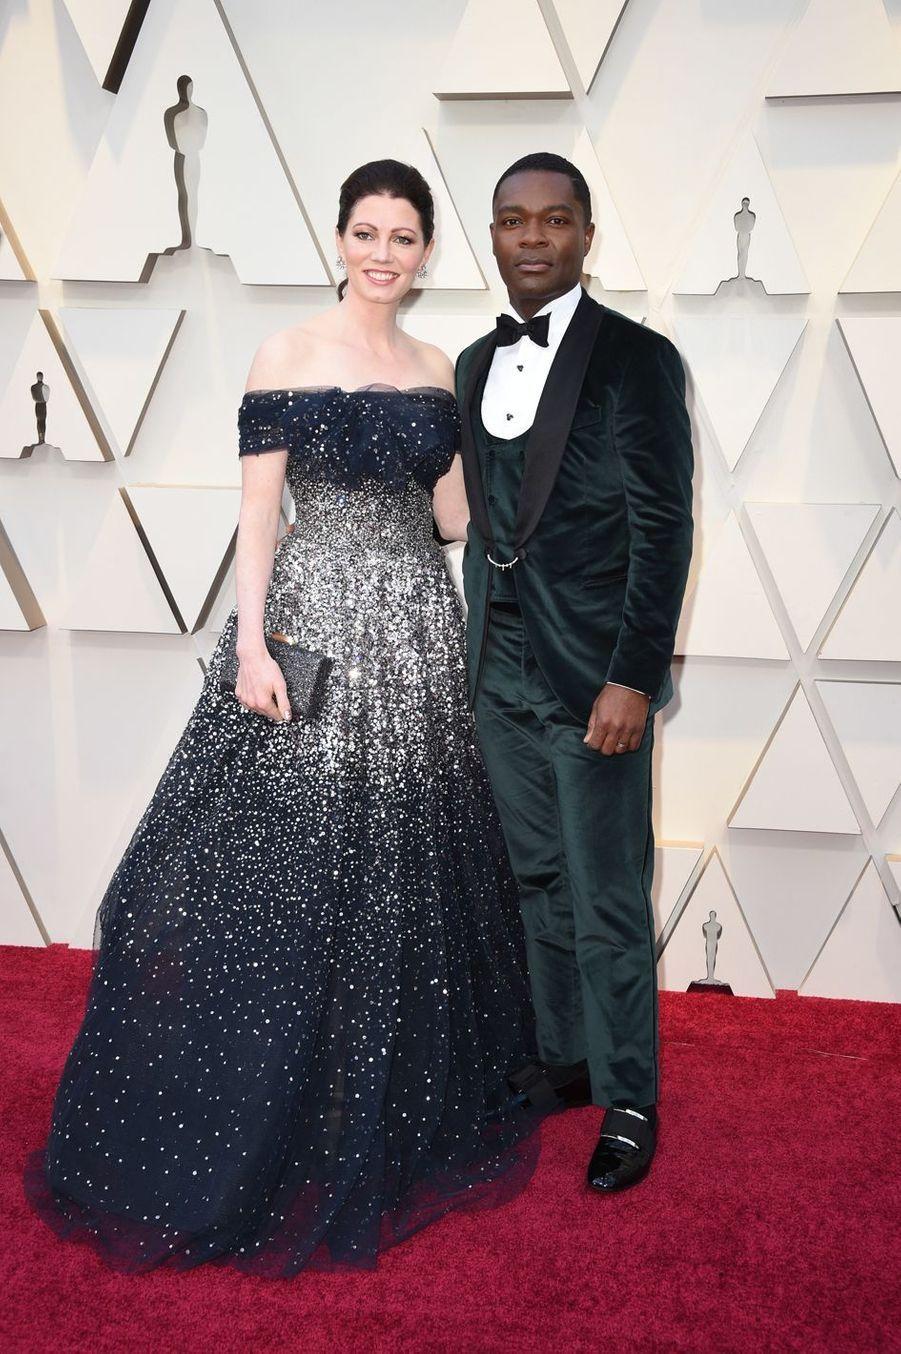 Jessica et David Oyelowosur le tapis rouge de la 91e cérémonie des Oscars le 24 février 2019